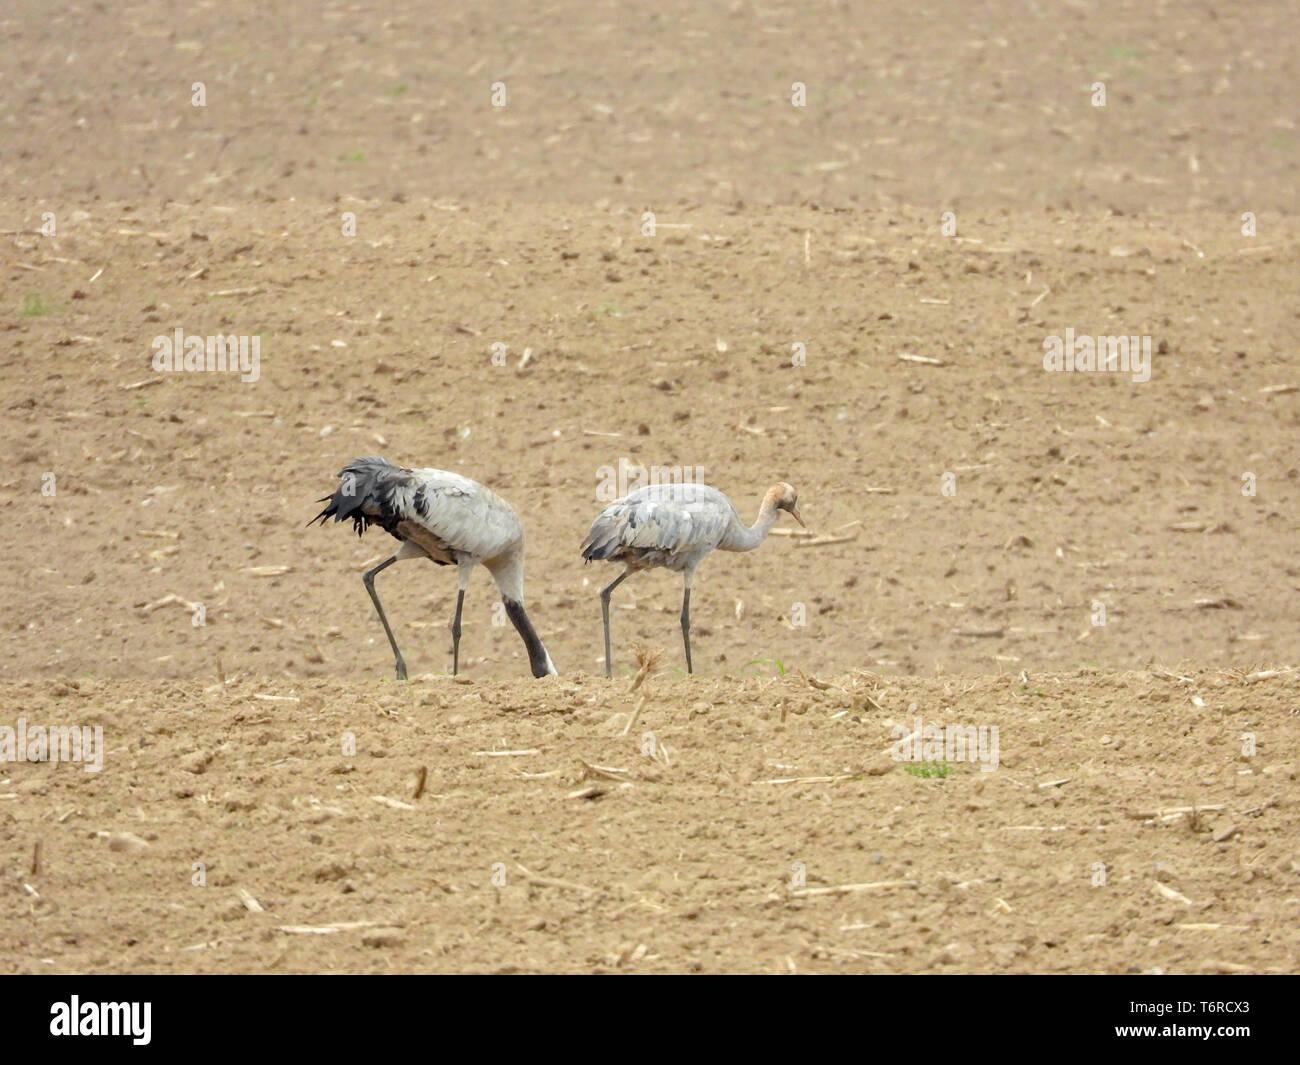 Eine Gruppe von Kranen auf der Suche nach Essen auf einem gepflügten Feldes Stockfoto